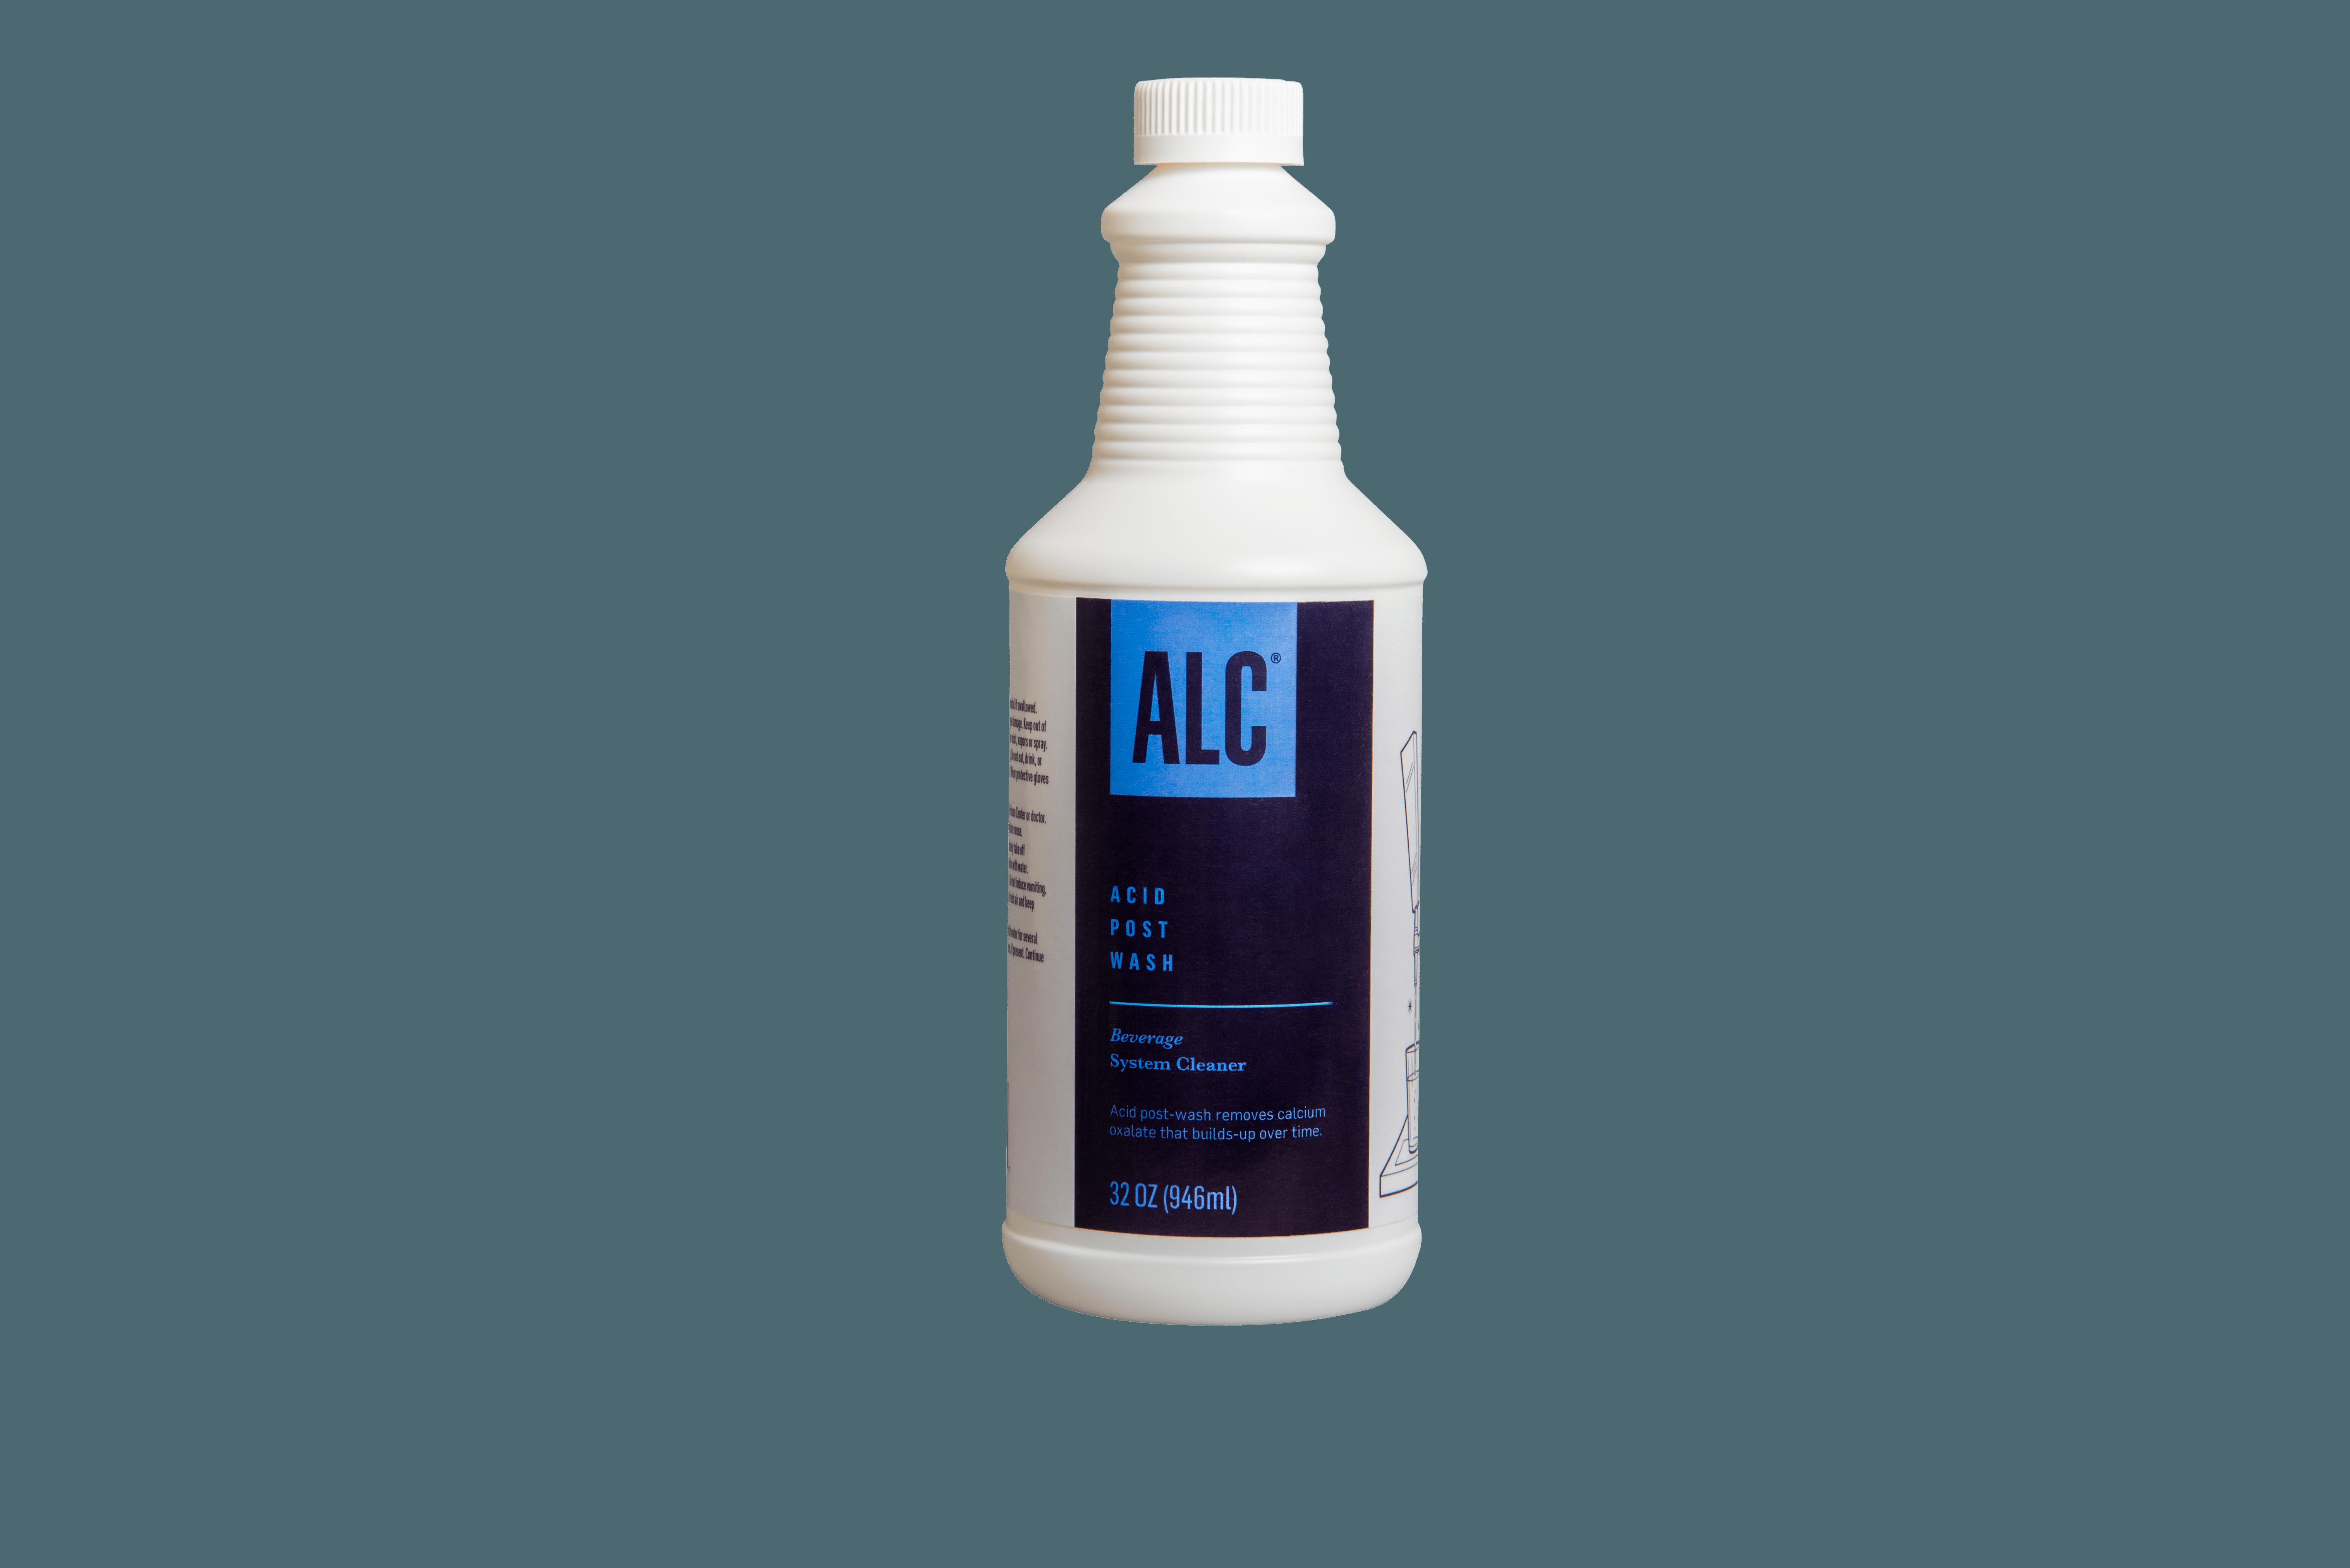 Acid Line Cleaner - 32 oz